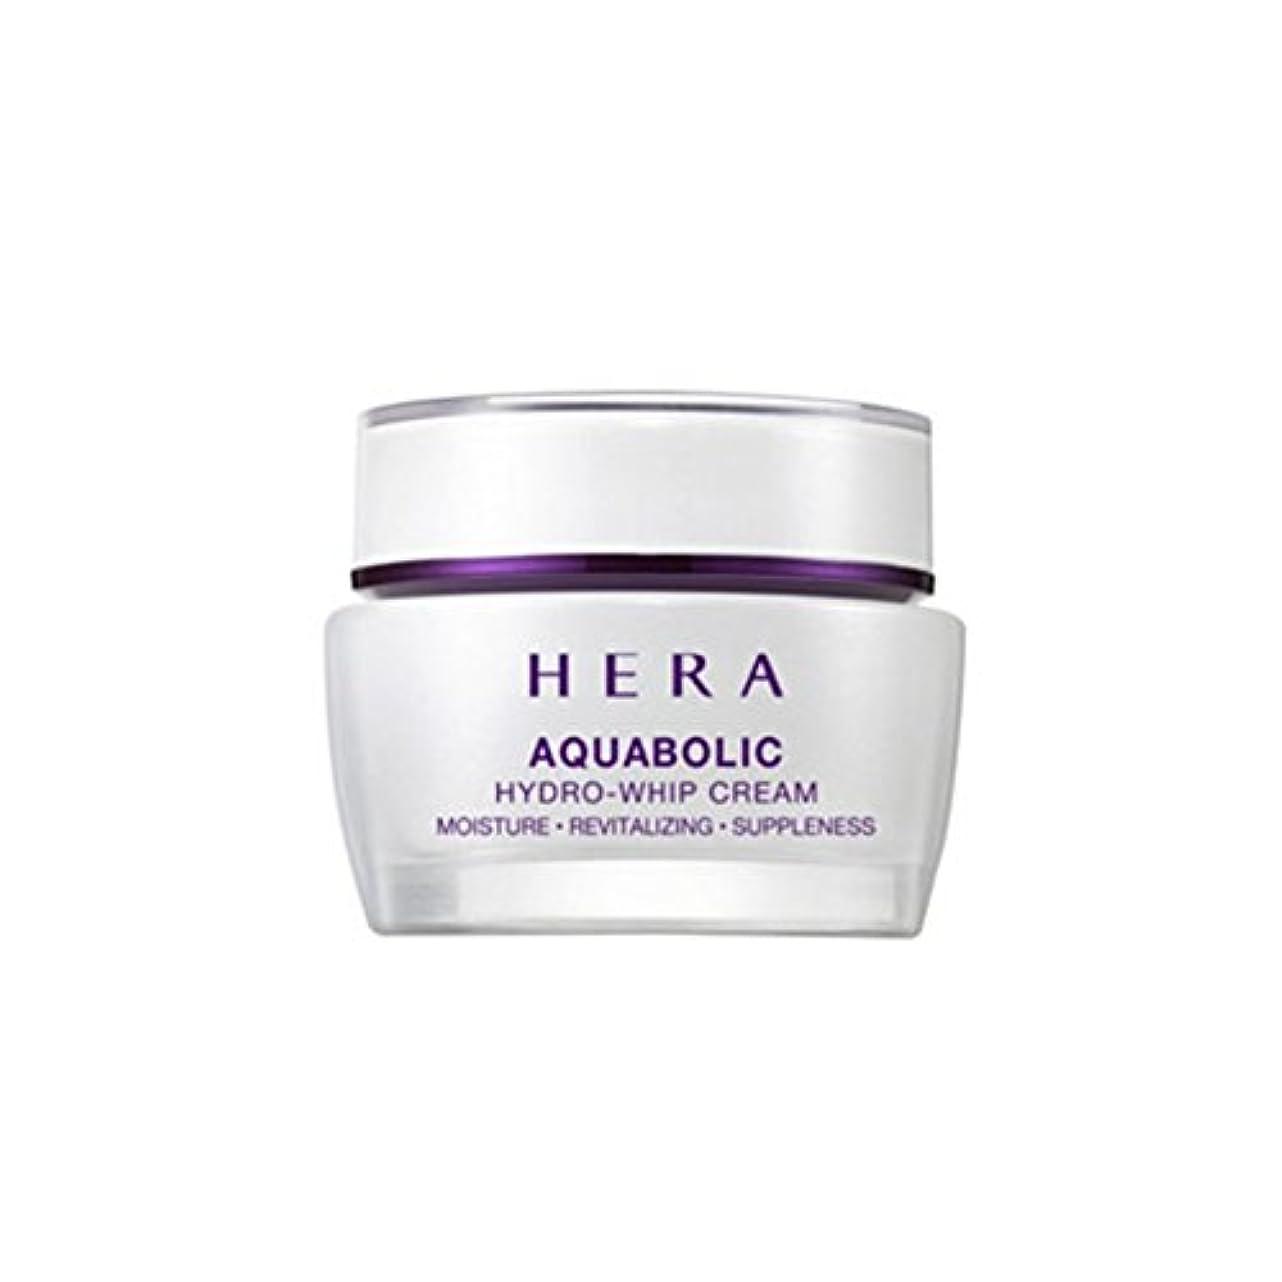 実装する小切手道に迷いました(ヘラ) HERA Aquabolic Hydro-Whip Cream アクアボリックハイドロホイップ クリーム (韓国直発送) oopspanda